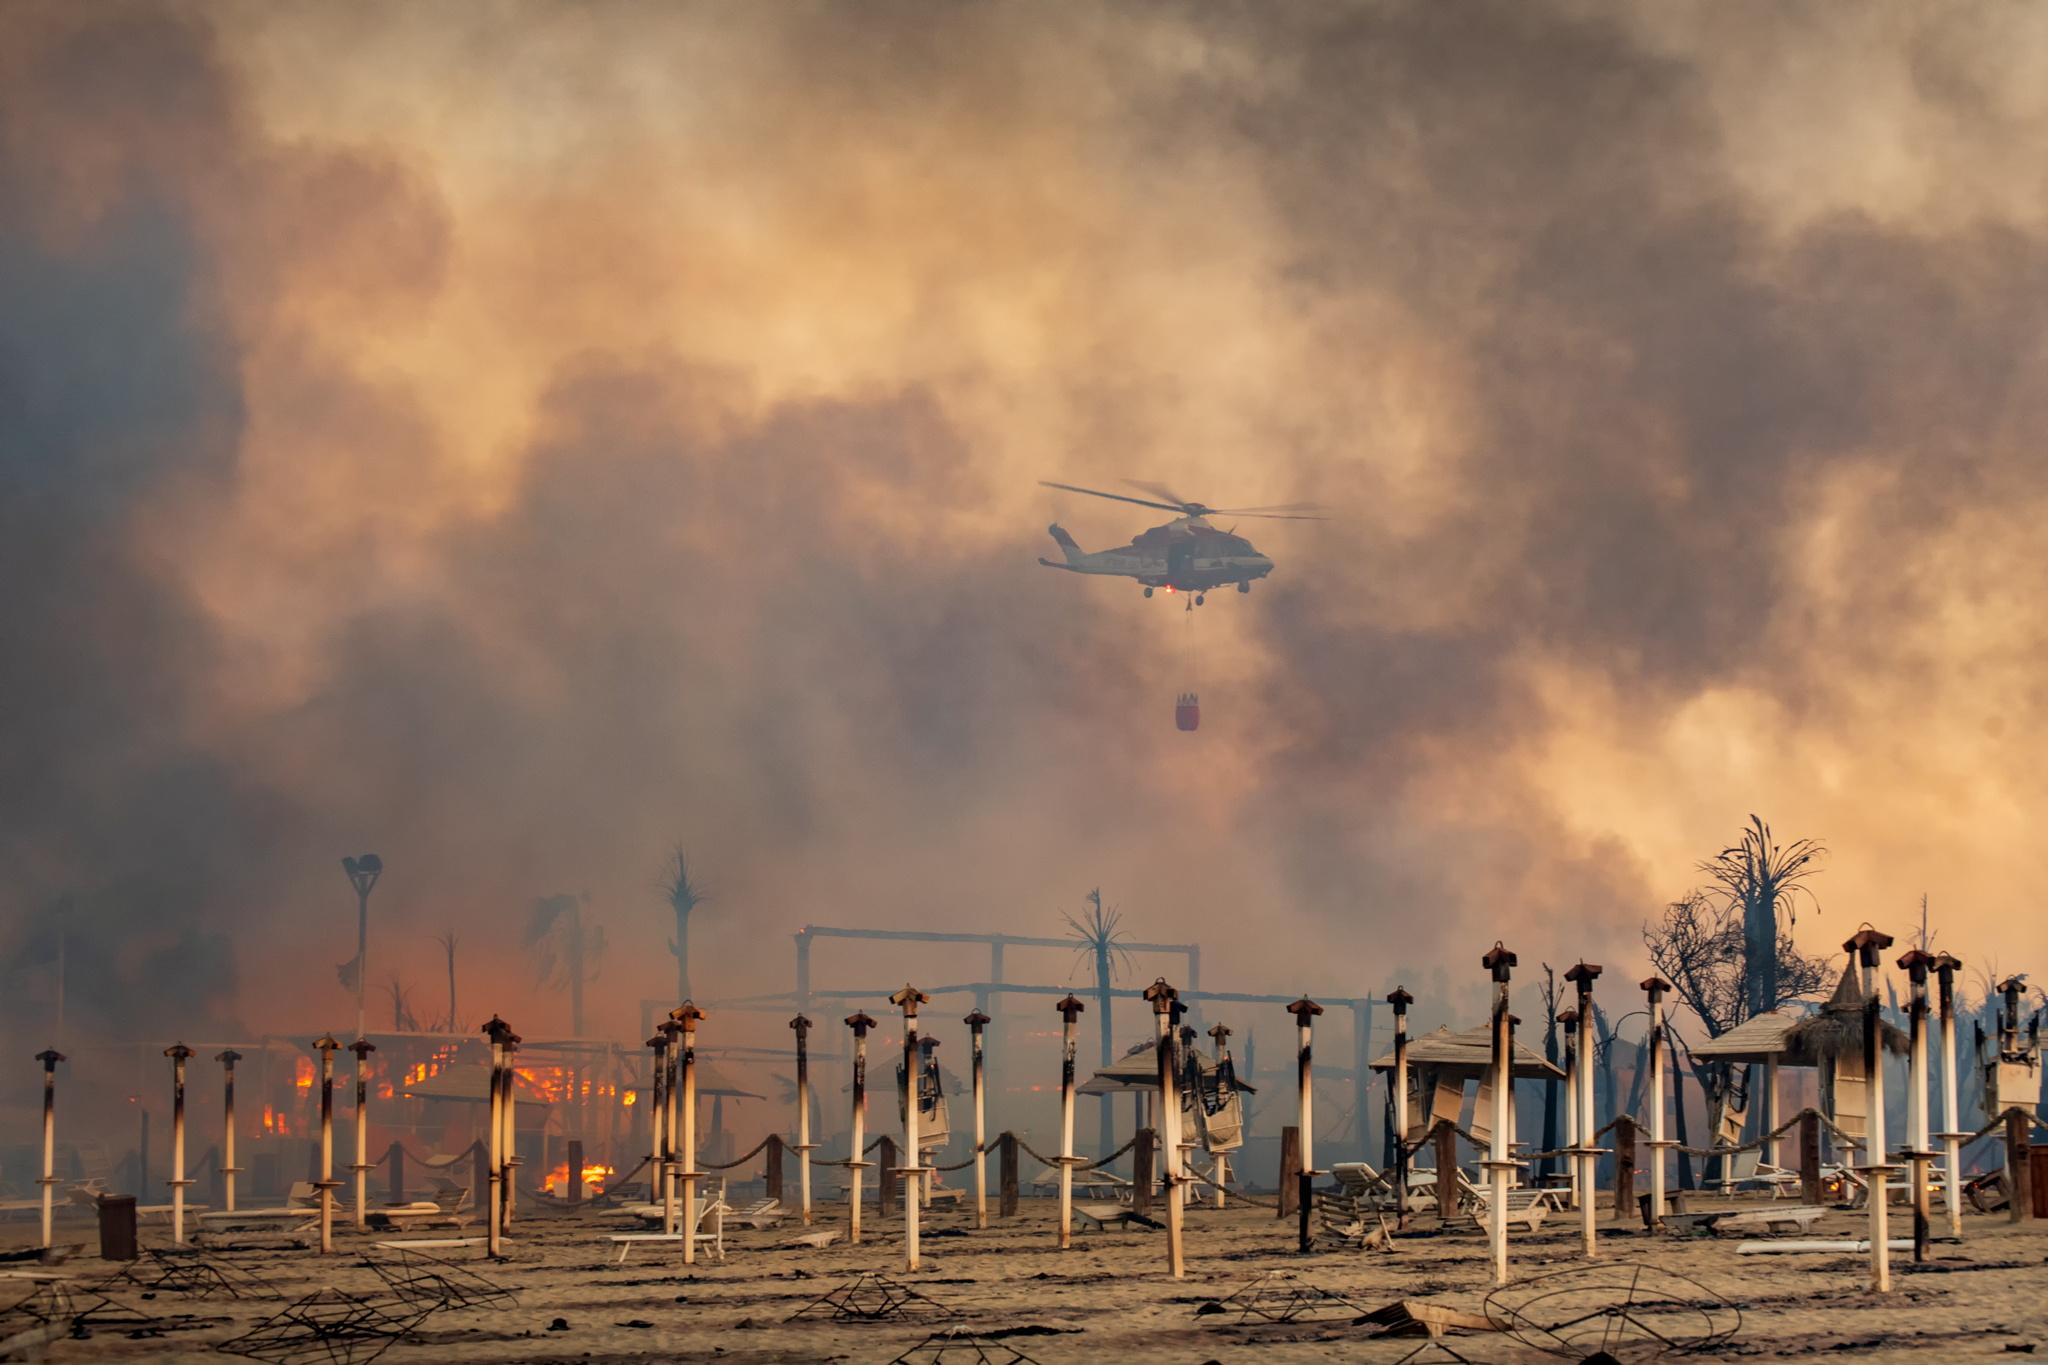 Σικελία: Σε εξέλιξη πάνω από 160 πυρκαγιές – Υπόνοιες για εμπρησμούς